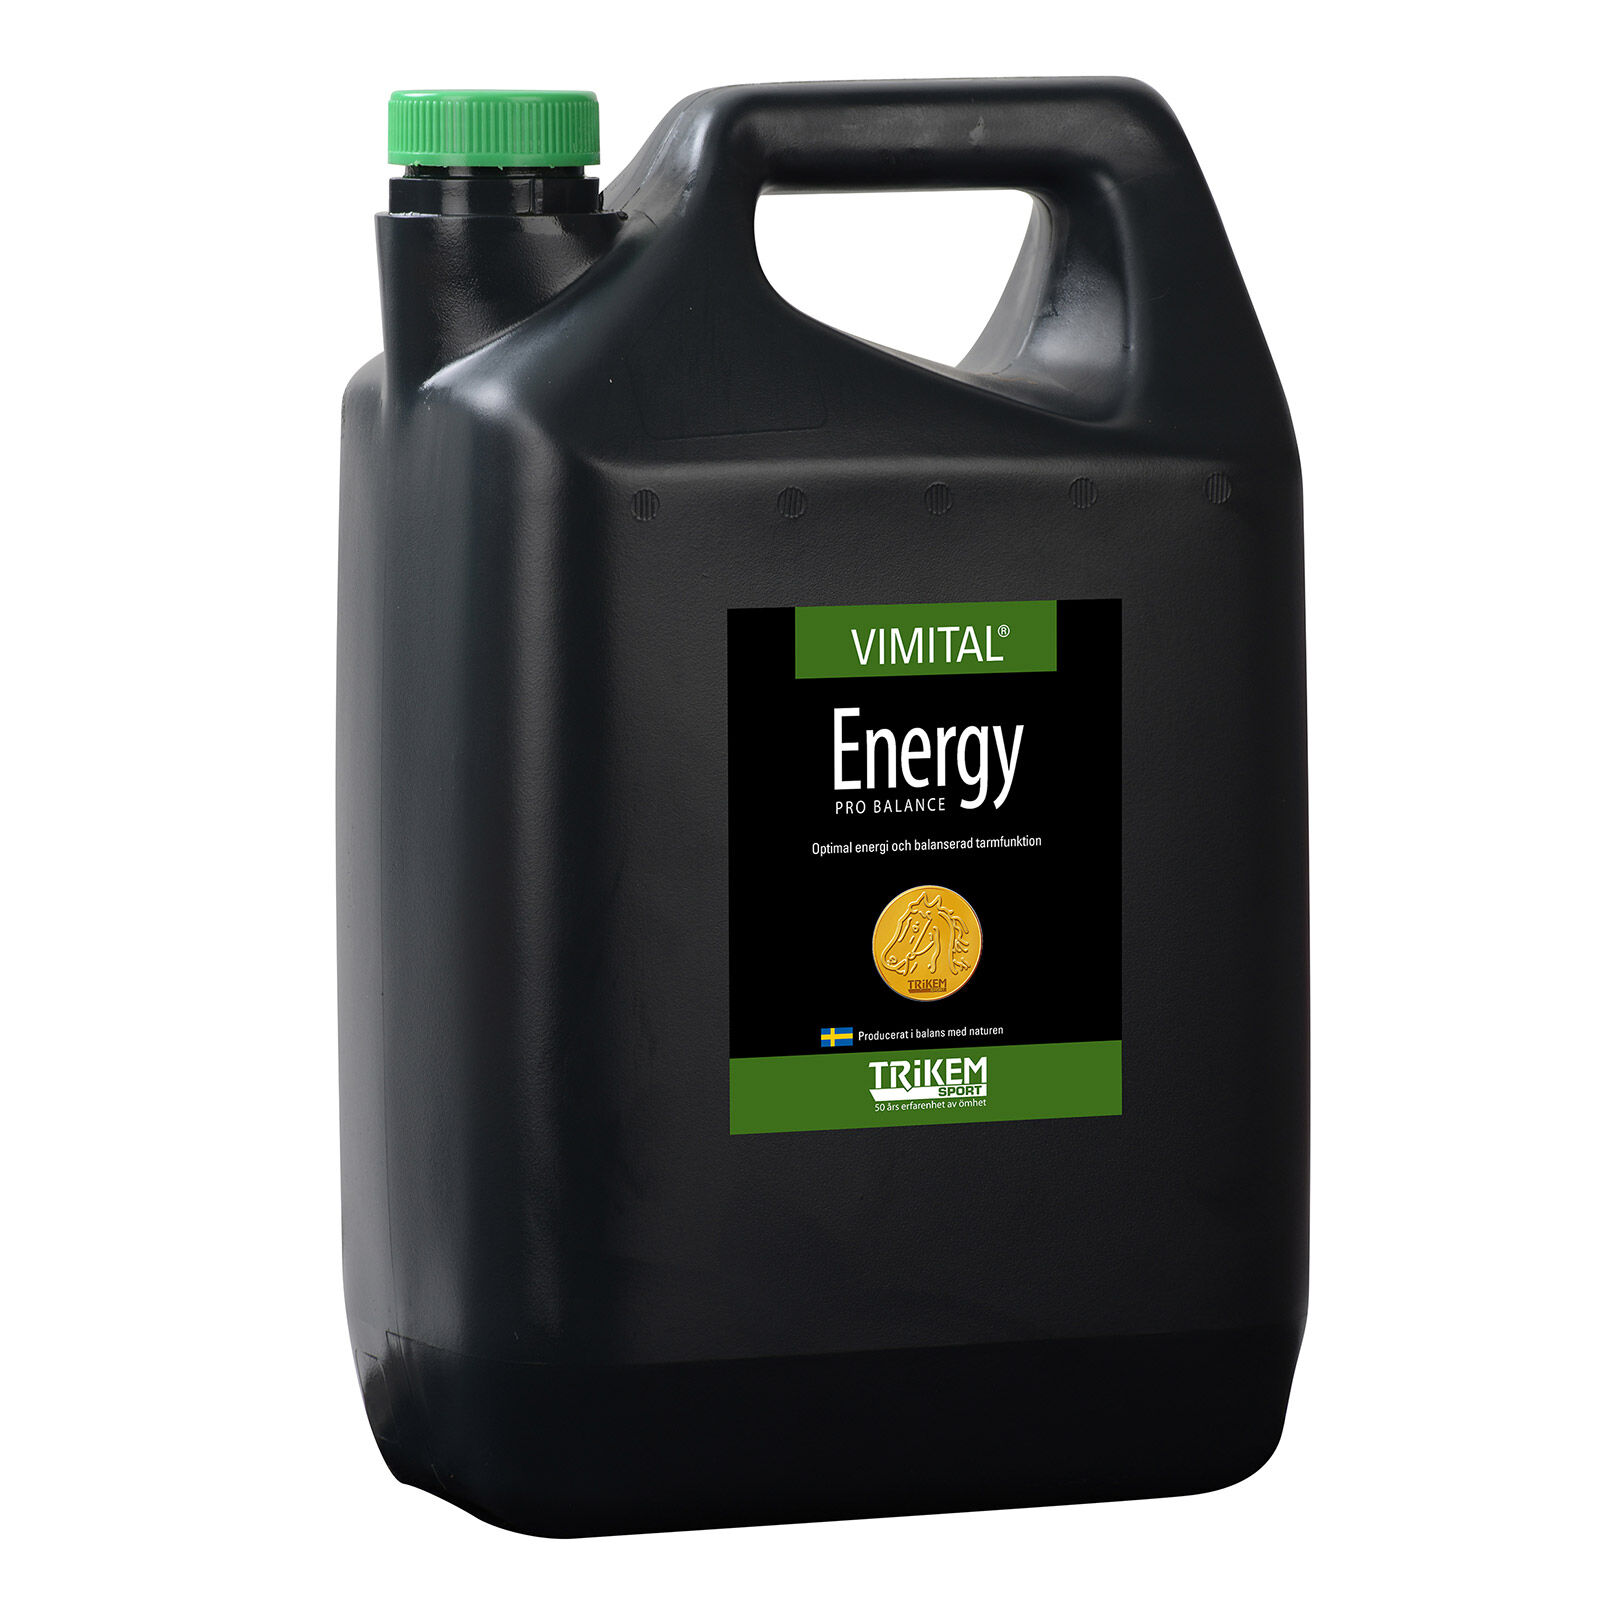 trikem energy oil